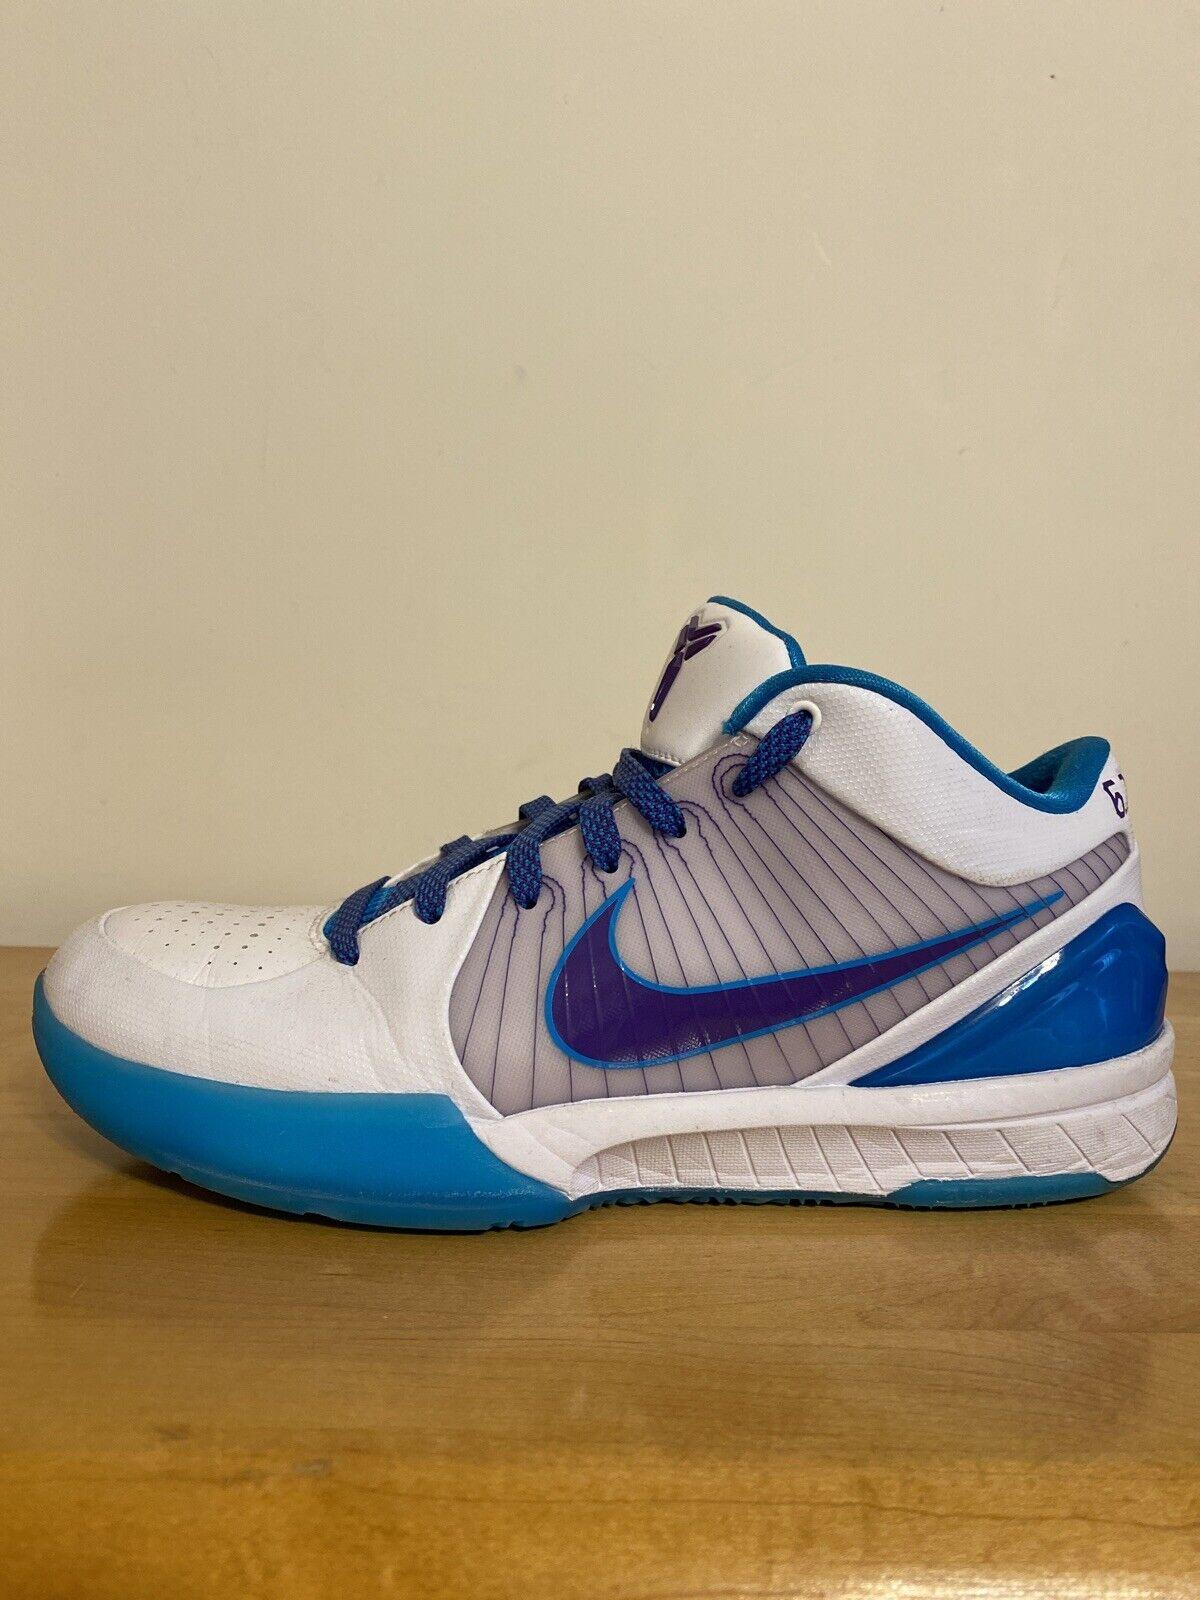 Nike Air Zoom Kobe Bryant IV 4 Protro